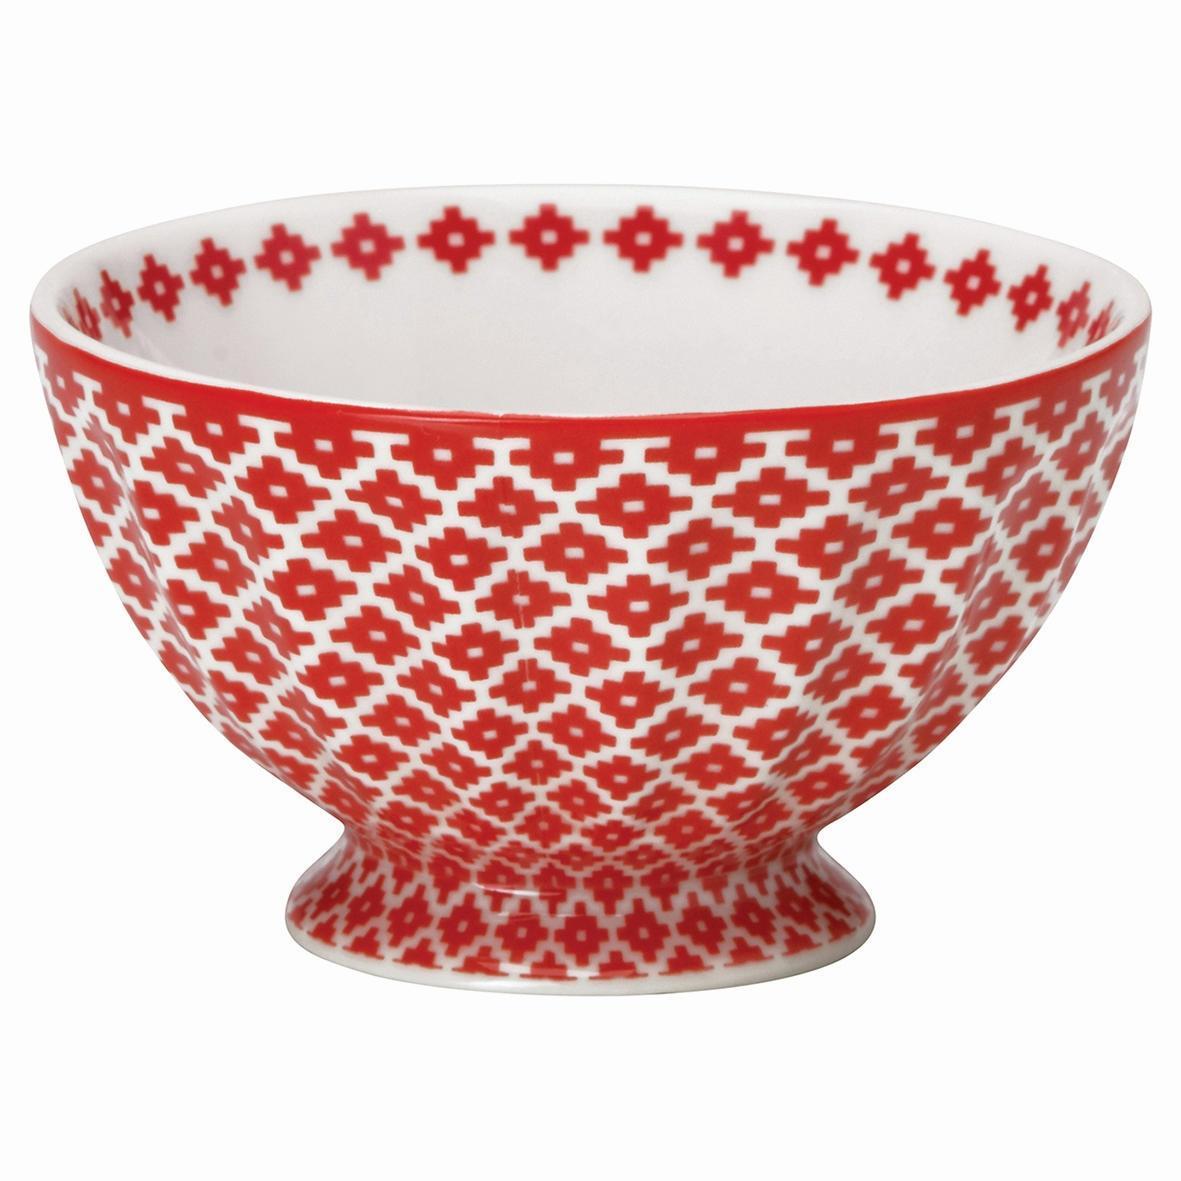 GREEN GATE Francouzská miska Judy red M, červená barva, porcelán